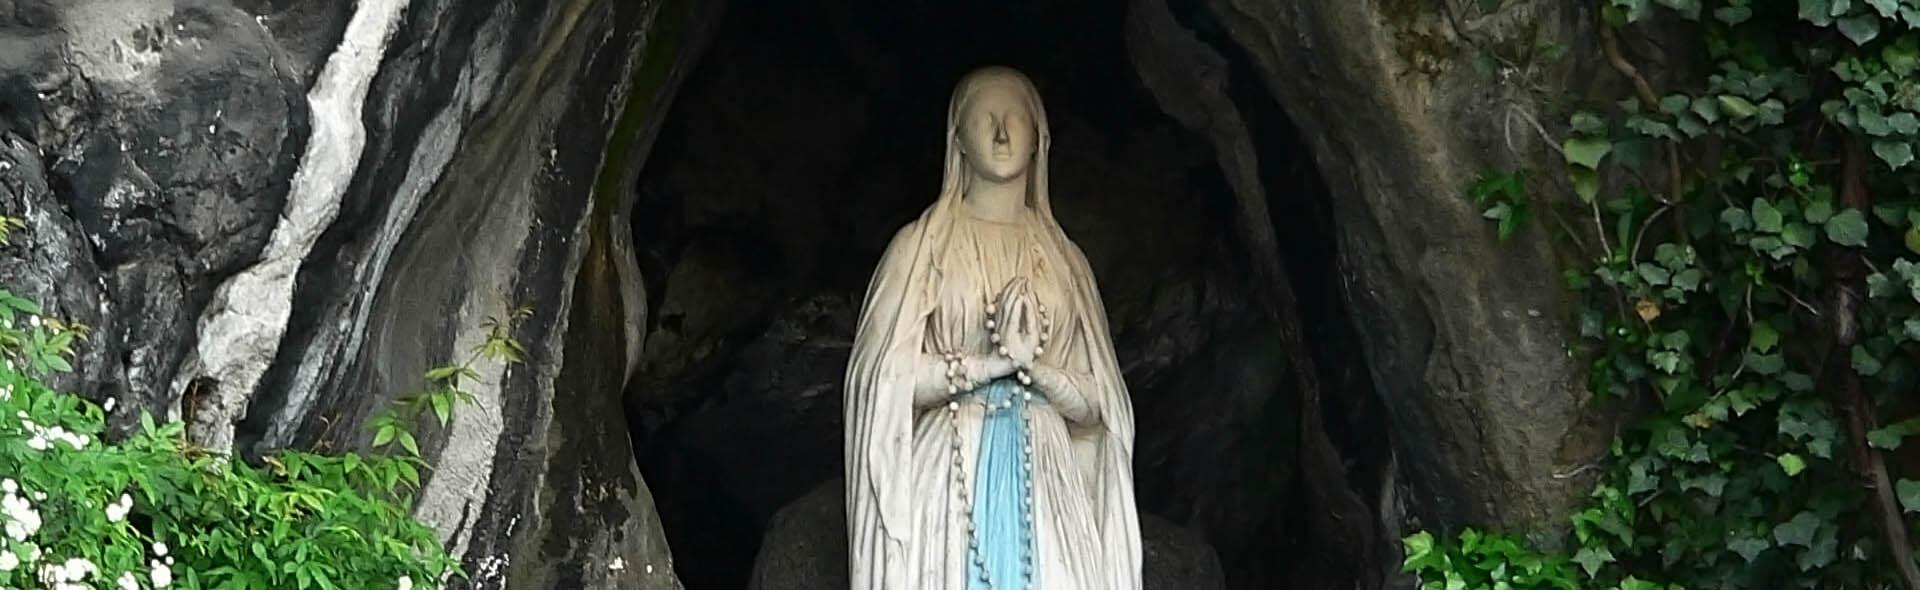 Viaggio a Lourdes in Aereo da Roma Santi